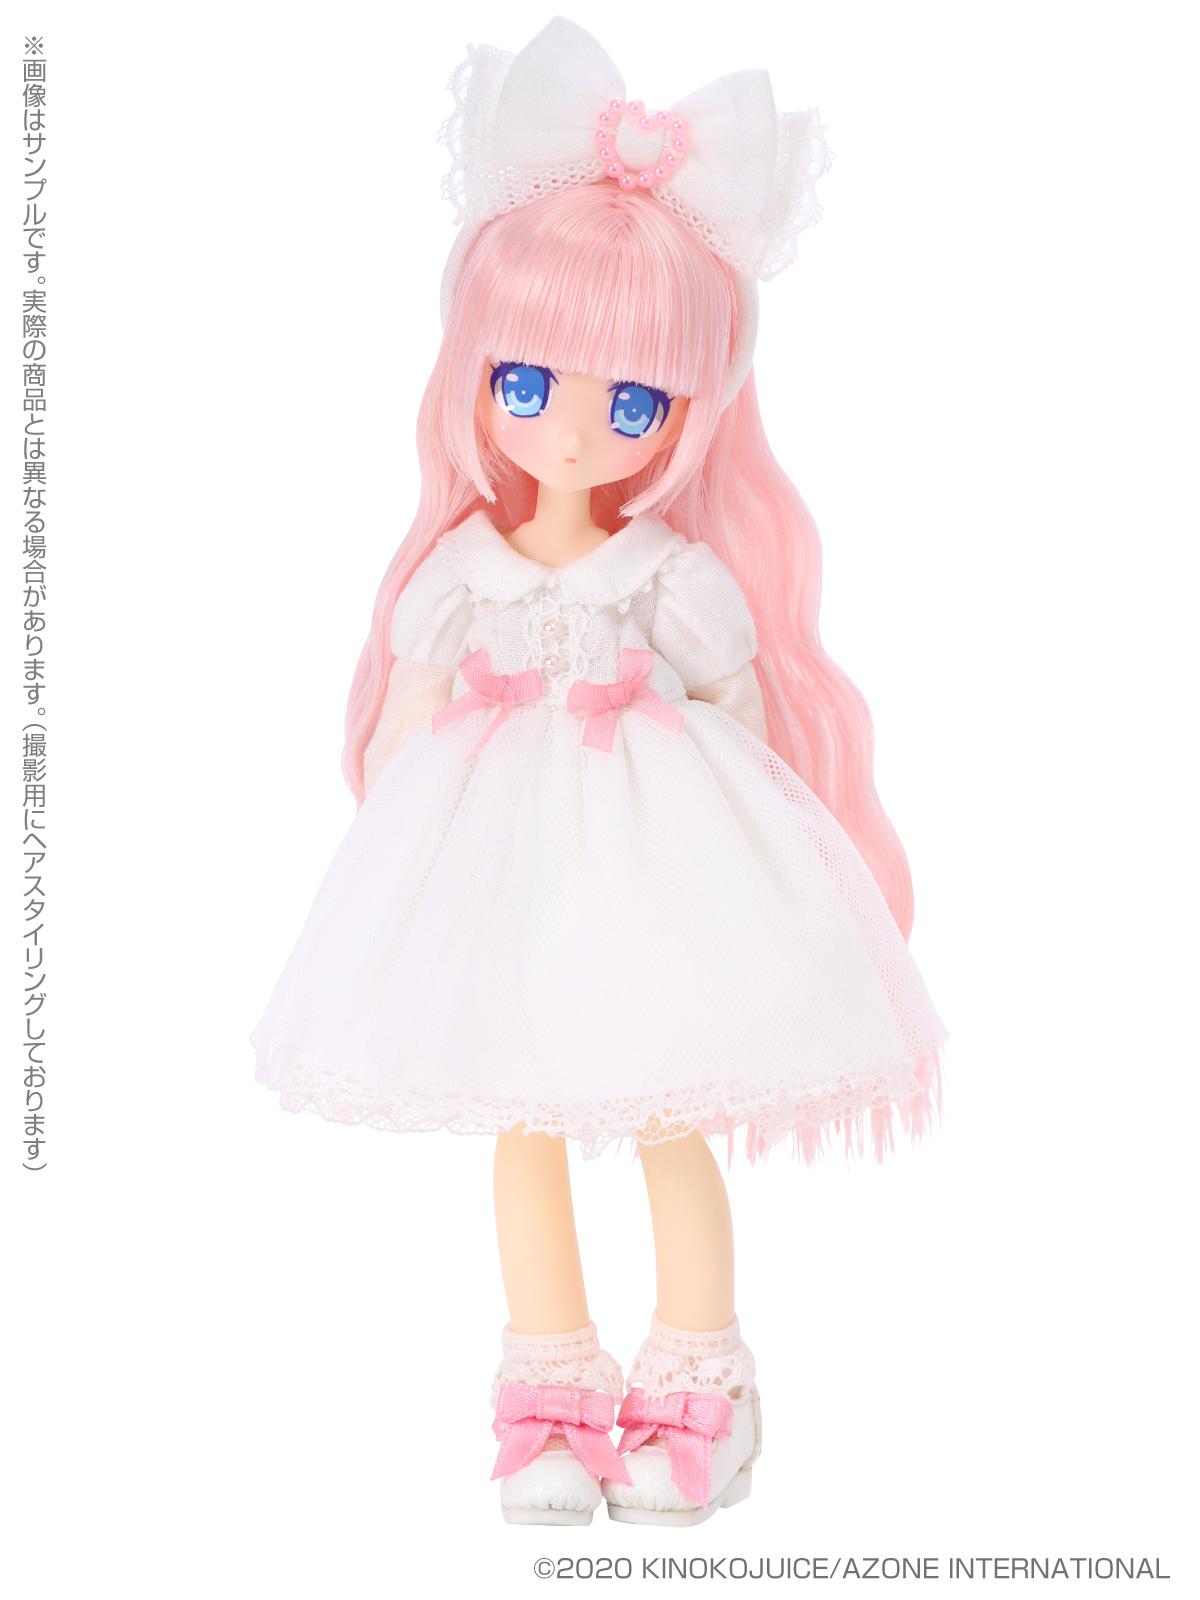 キノコジュース×Lil'Fairy『Twinkle☆Candy Girls/リプー』1/12 完成品ドール-002